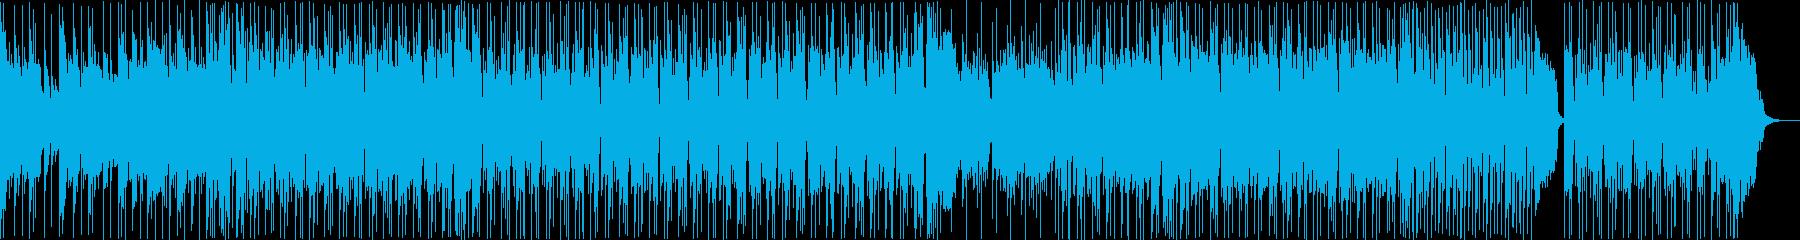 スタイリッシュなファンクミュージックの再生済みの波形